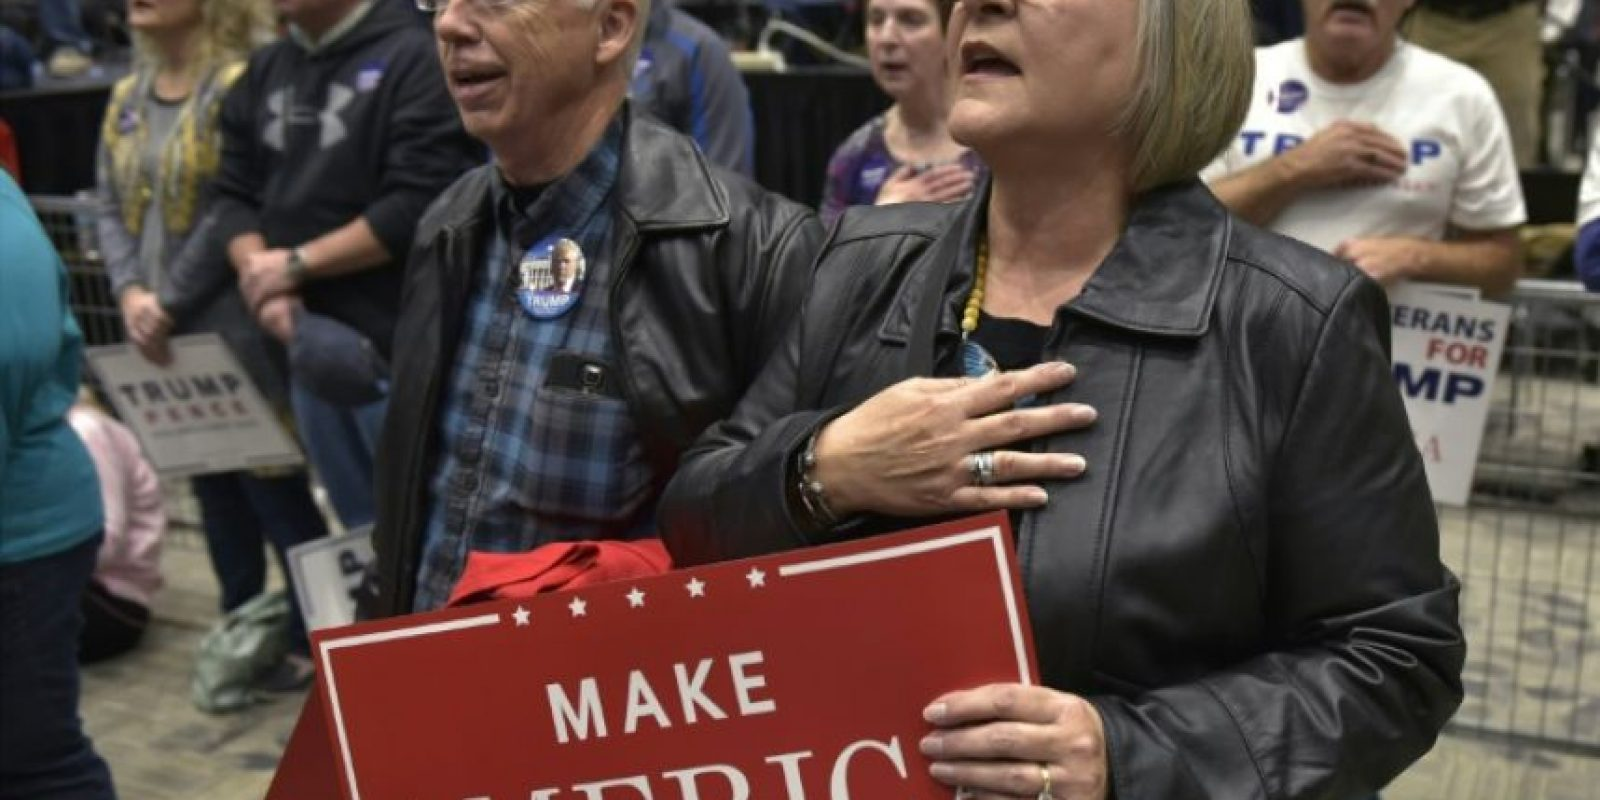 Partidarios escuchan el himno nacional durante un acto de apoyo al candidato presidencial republicano Donald Trump, en el centro de la ciudad de Sioux City, Iowa, el 6 de noviembre de 2016. Foto:Mandel NGAN/afp.com